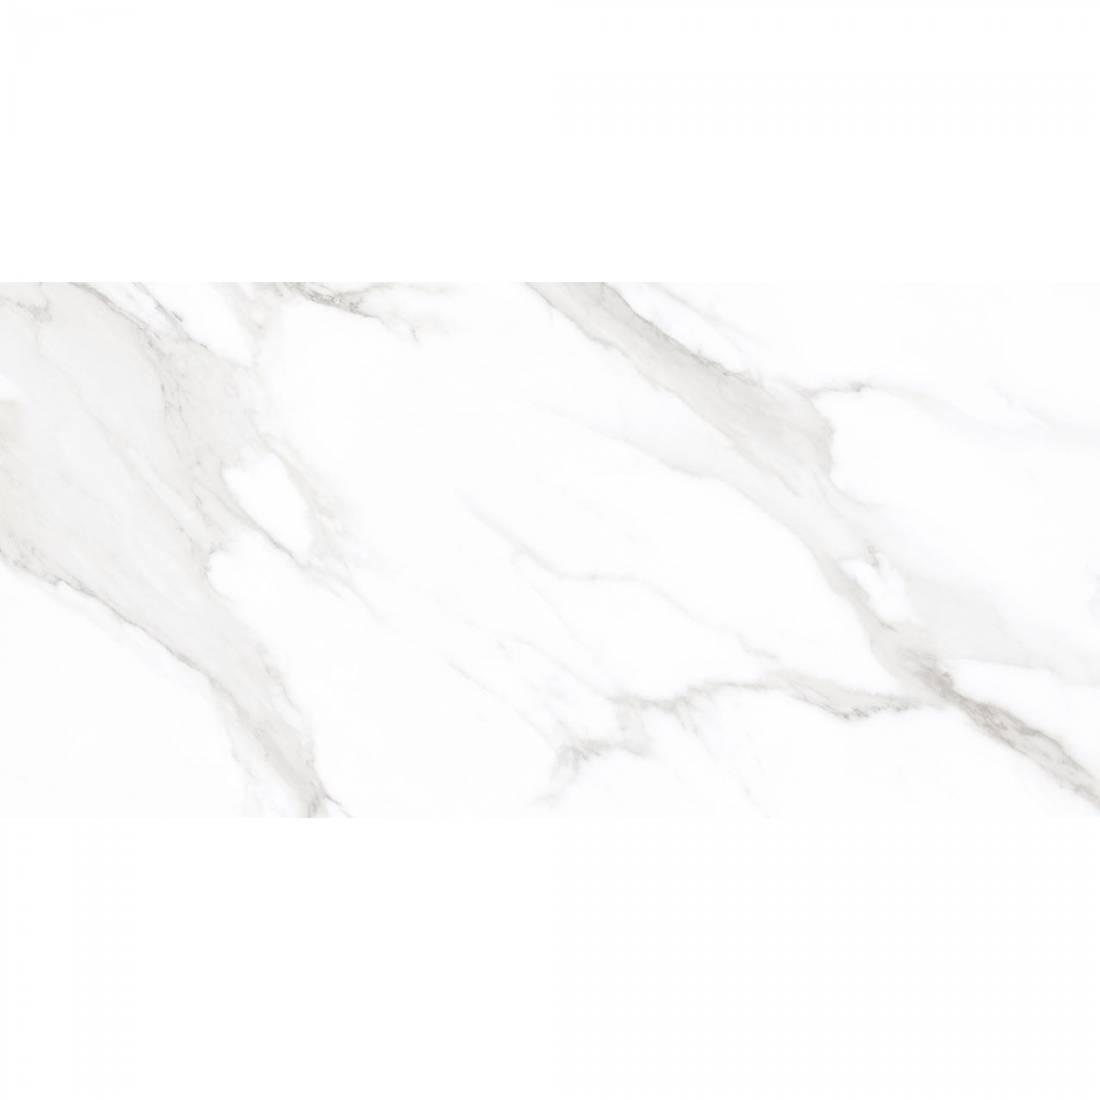 Statuario Mercury 60x120 White Polished 1